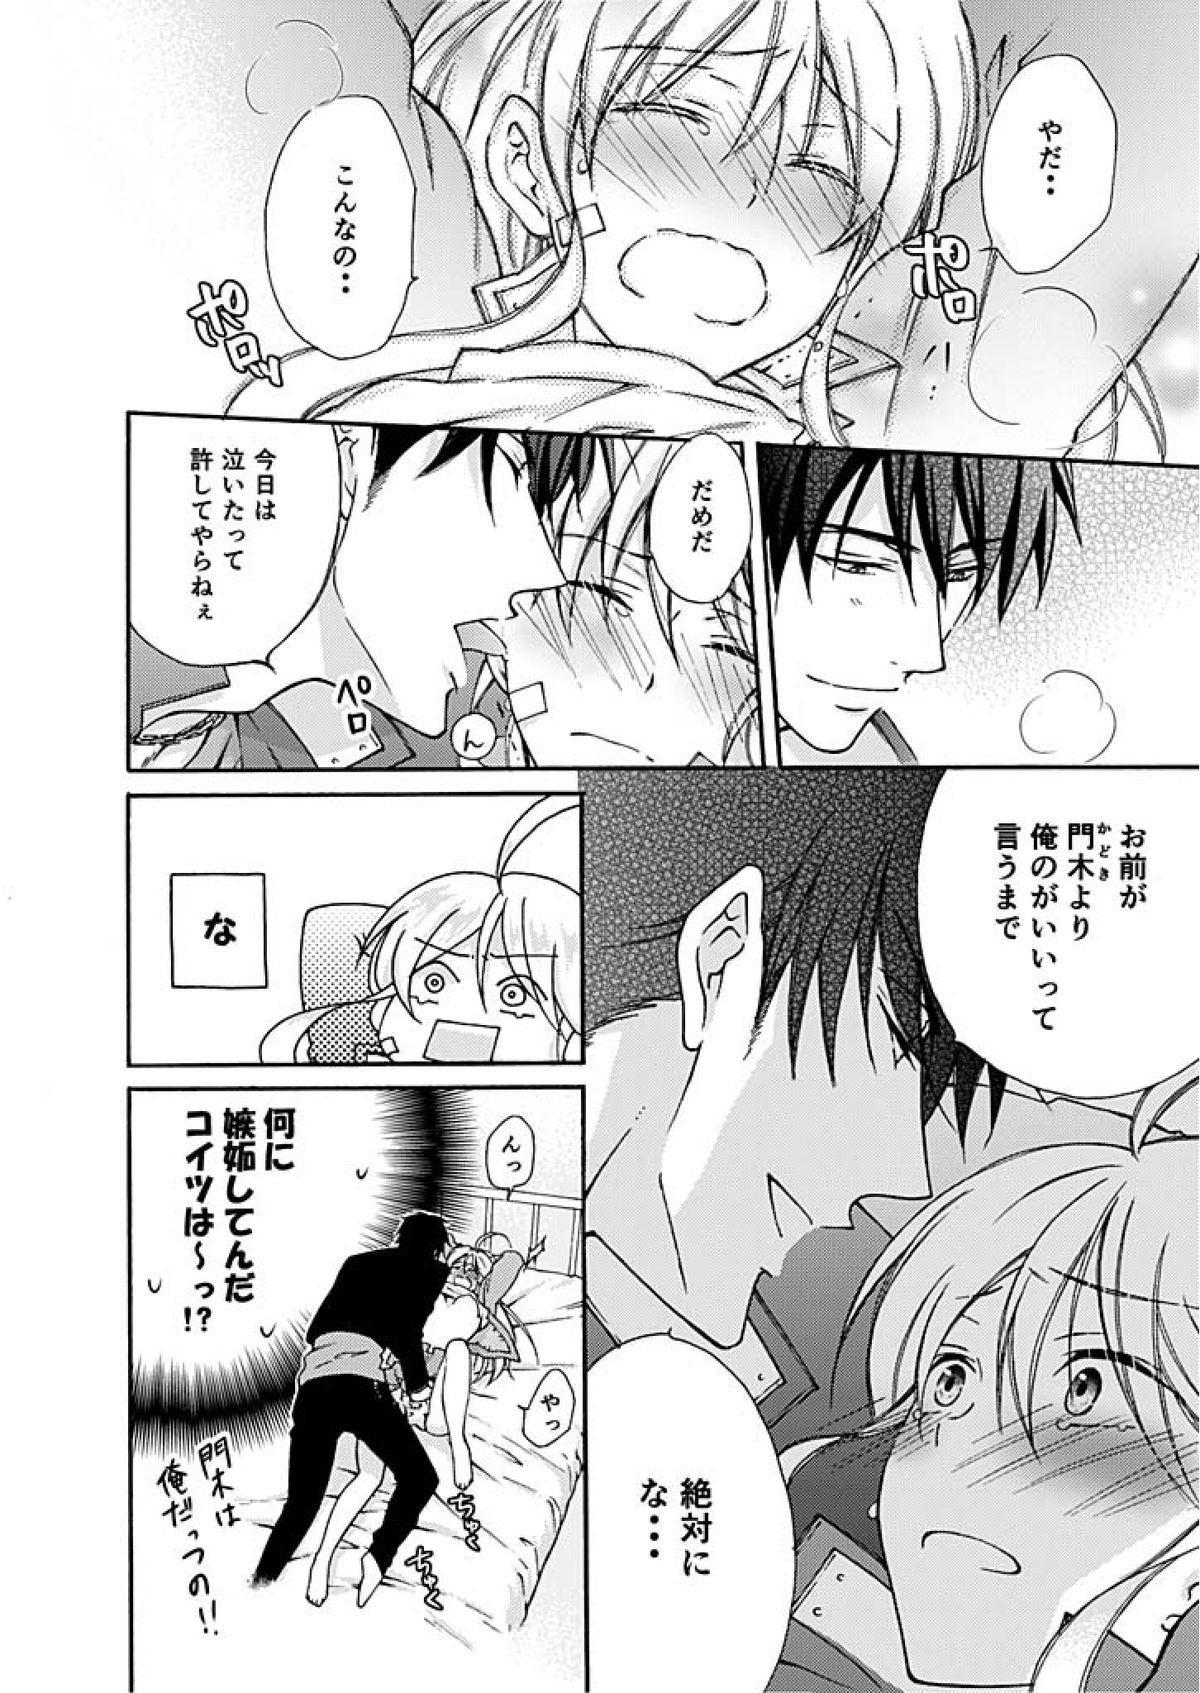 Nyotaika Yankee Gakuen ☆ Ore no Hajimete, Nerawaretemasu. 2 26